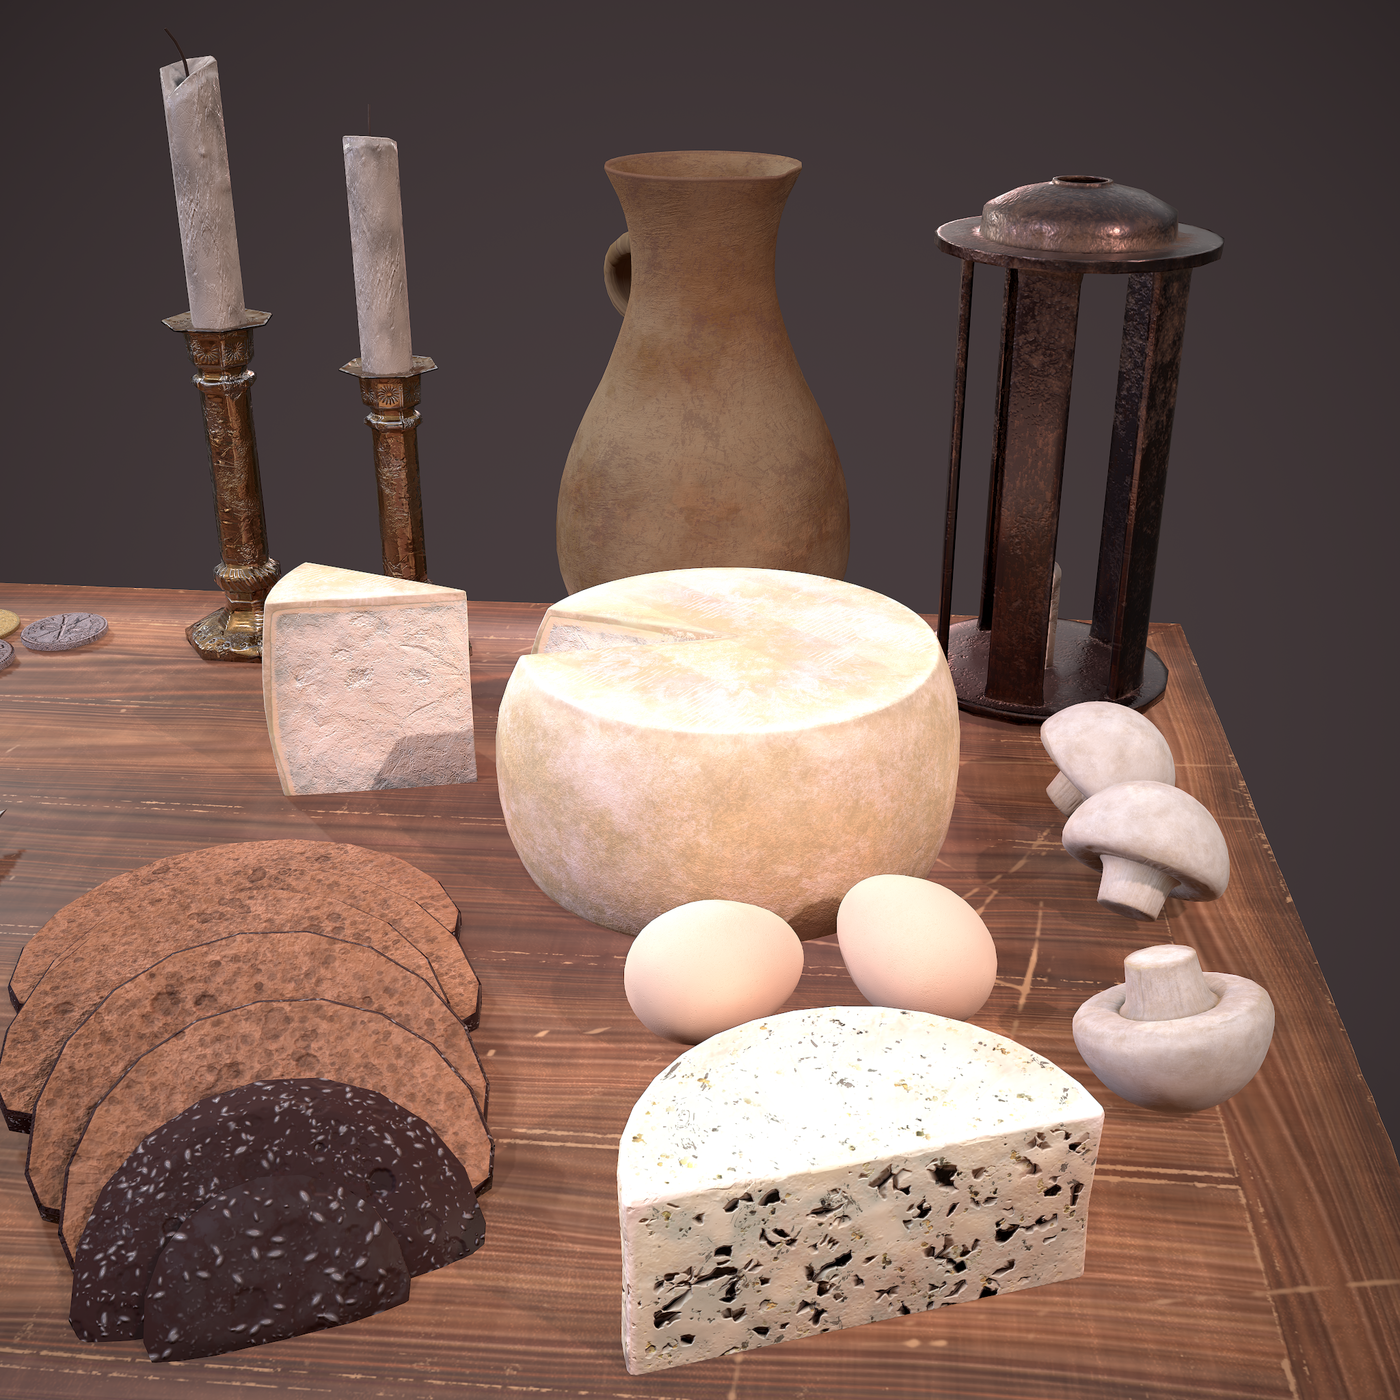 Medieval Tavern Dinner Scene 3D Models Collection.